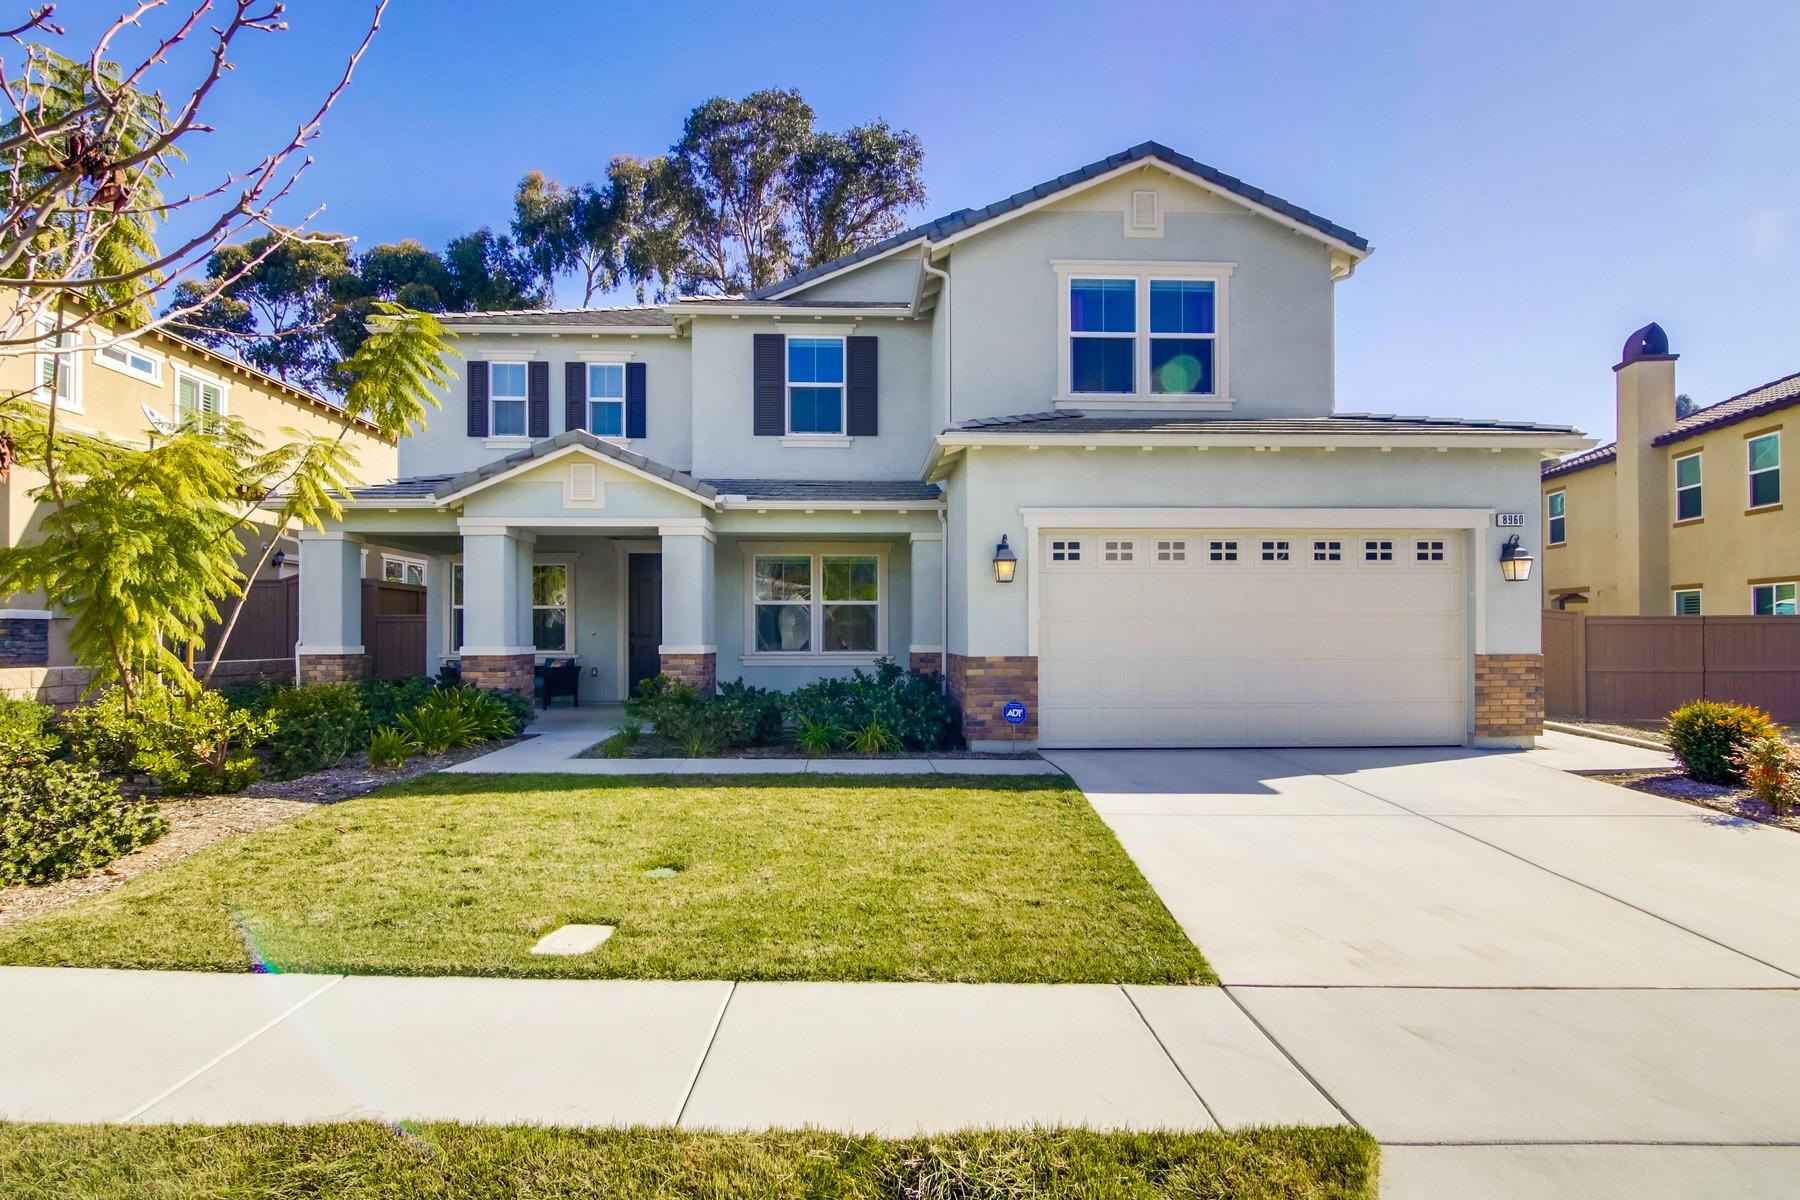 Casa Unifamiliar por un Venta en 8960 McKinley Ct 8960 McKinley Court La Mesa, California 91941 Estados Unidos